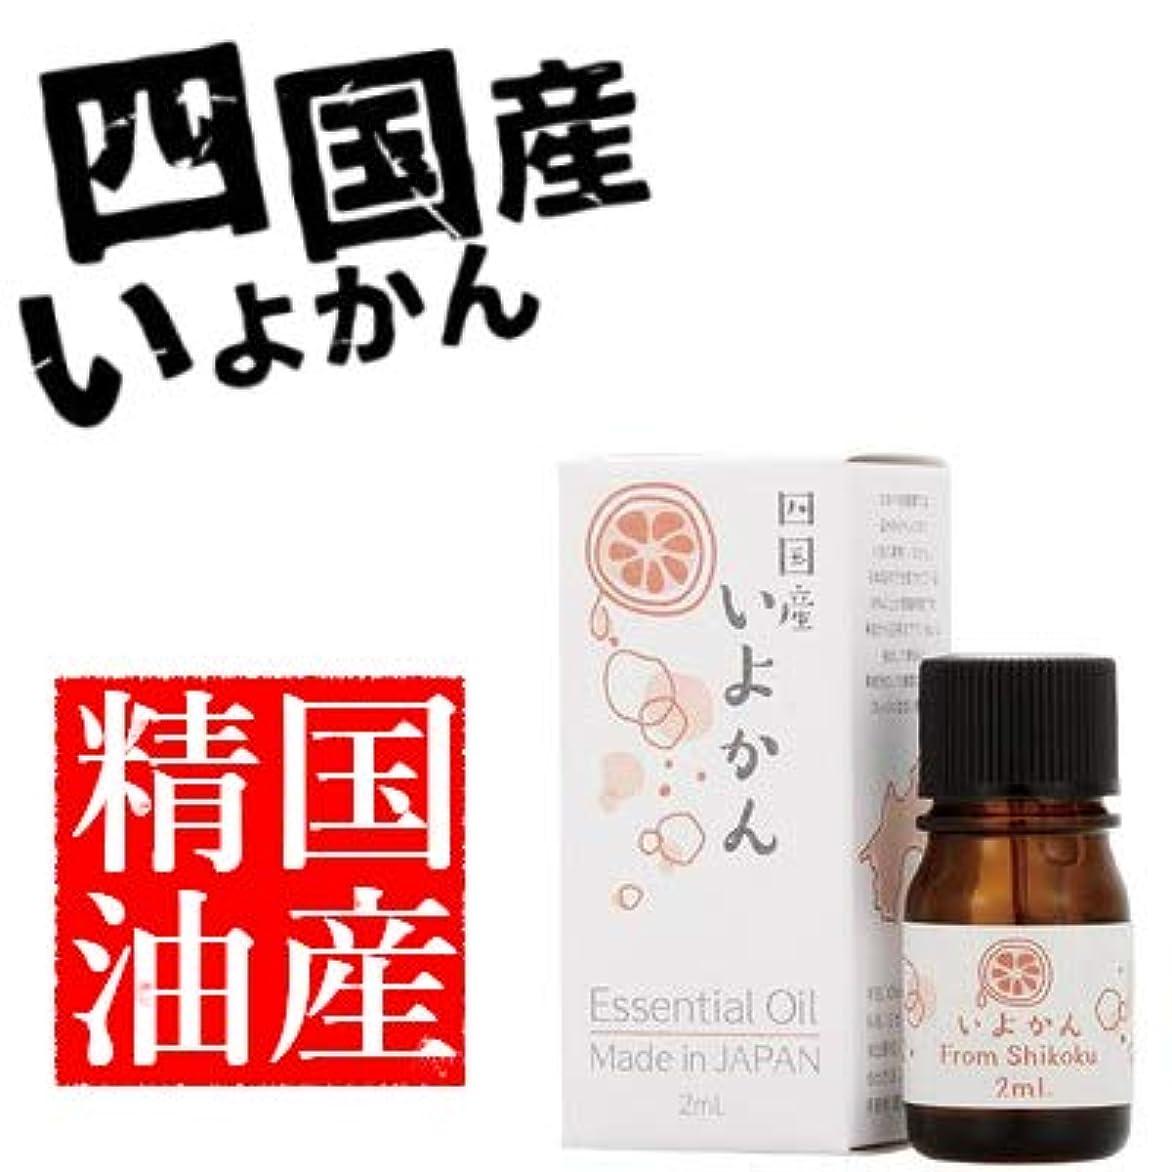 目の前の抗議包囲日本の香りシリーズ いよかん エッセンシャルオイル 国産精油 四国産 2ml